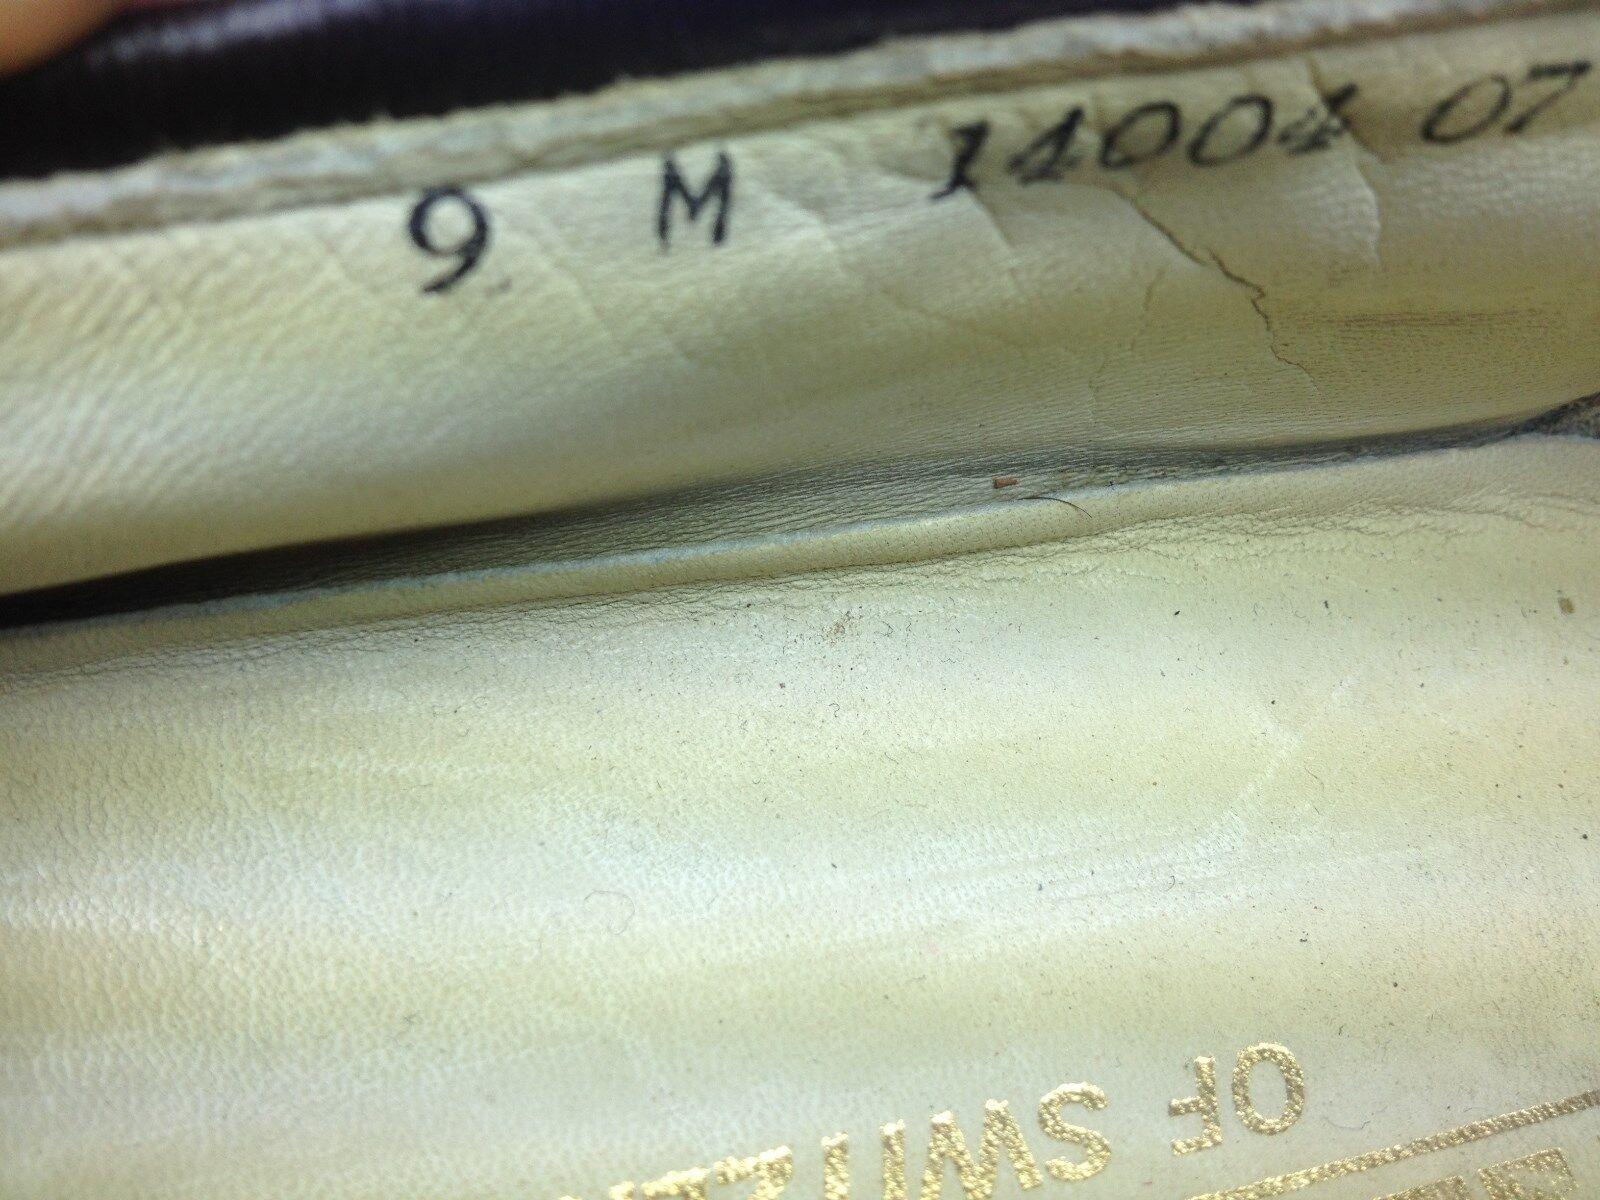 BALLYS MADE IN SWITZERLAND braun SLIP ON TASSLED TASSLED TASSLED SLIP ON SUNDAY DRIVE schuhe 9 M 7ecc6d